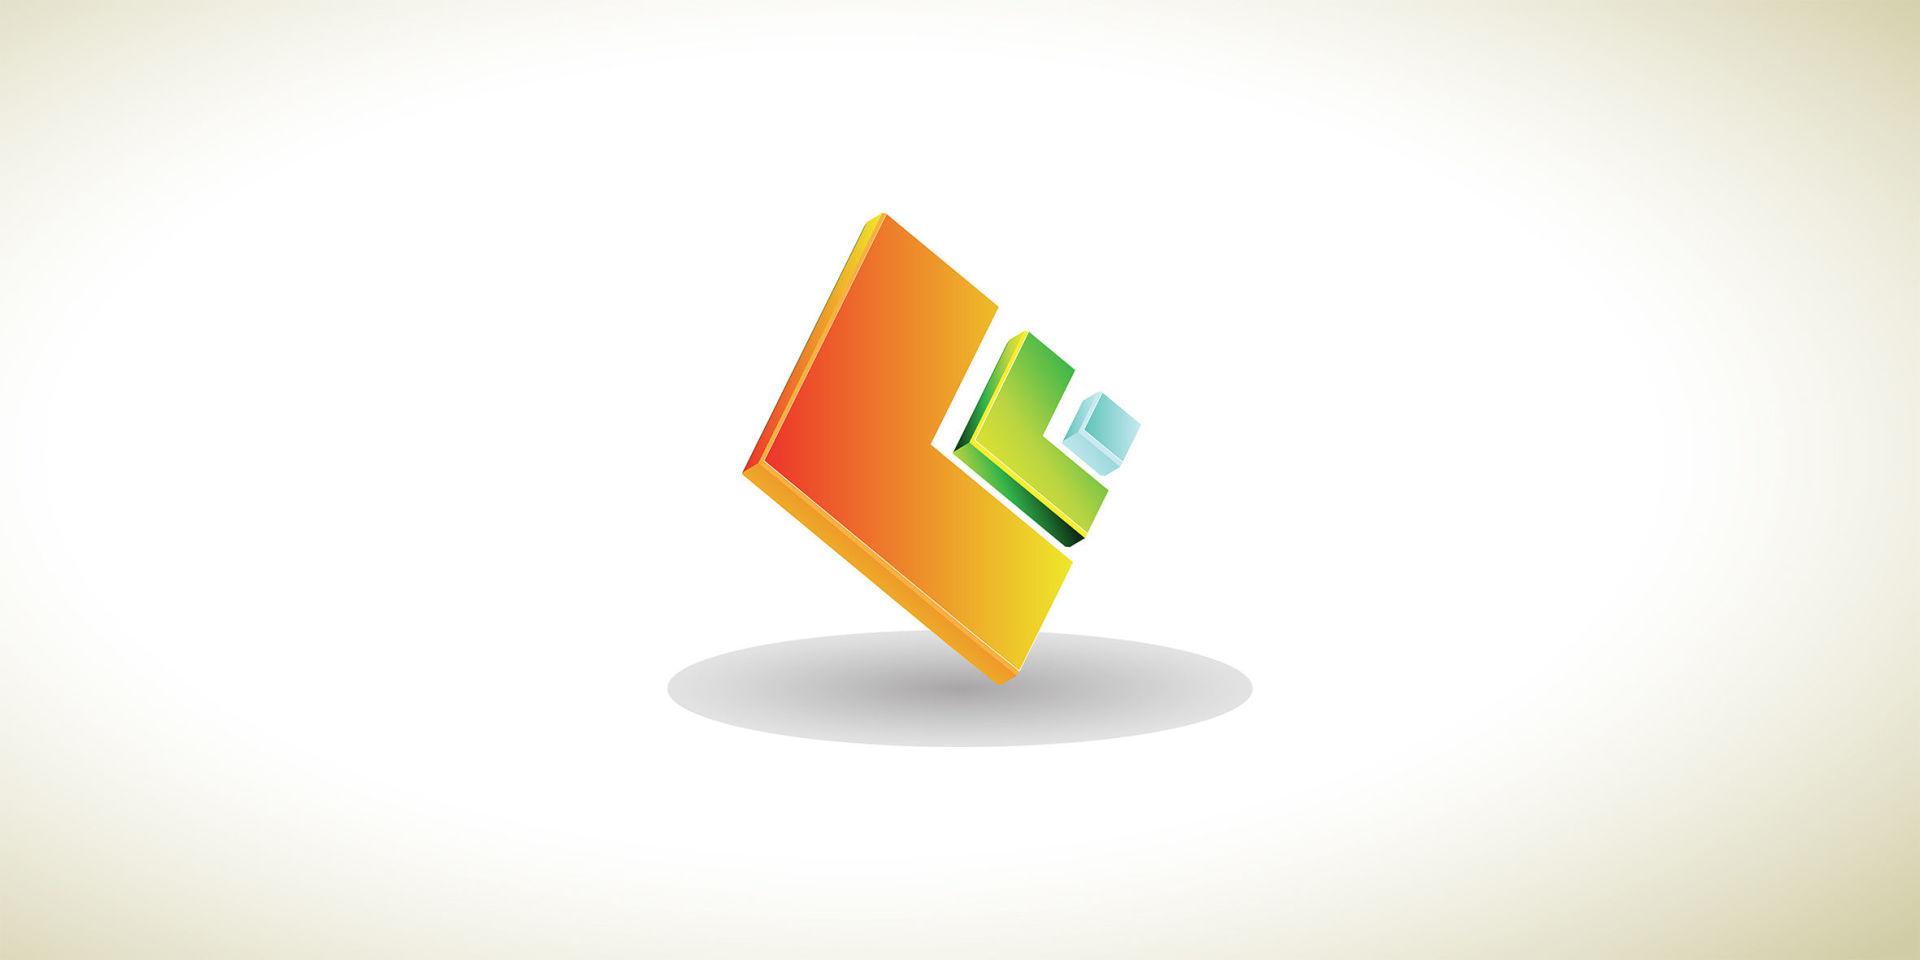 طراحی سه بعدی و سادهی لوگو